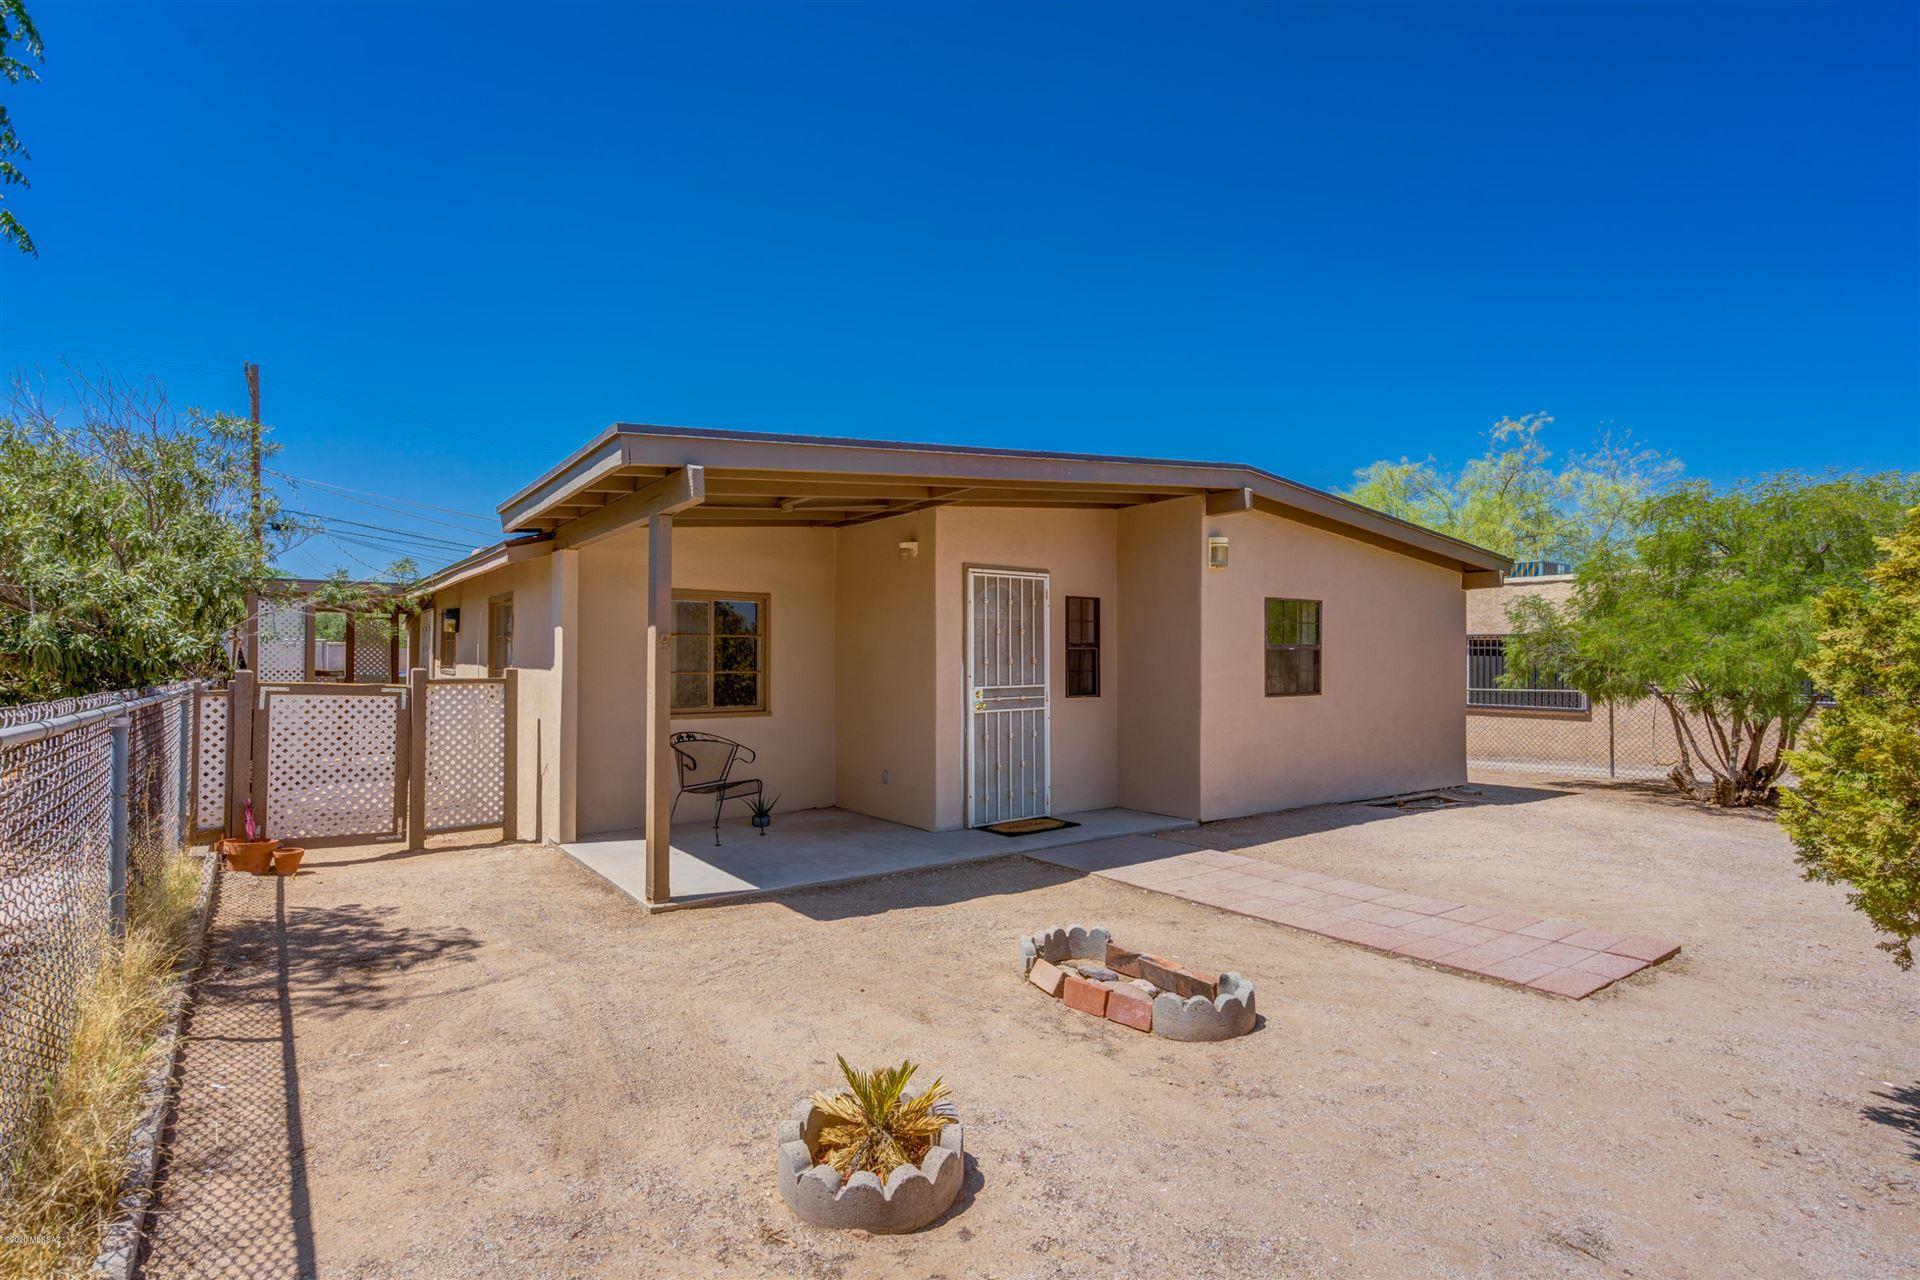 131 W Rillito Street, Tucson, AZ 85705 - MLS#: 22012072